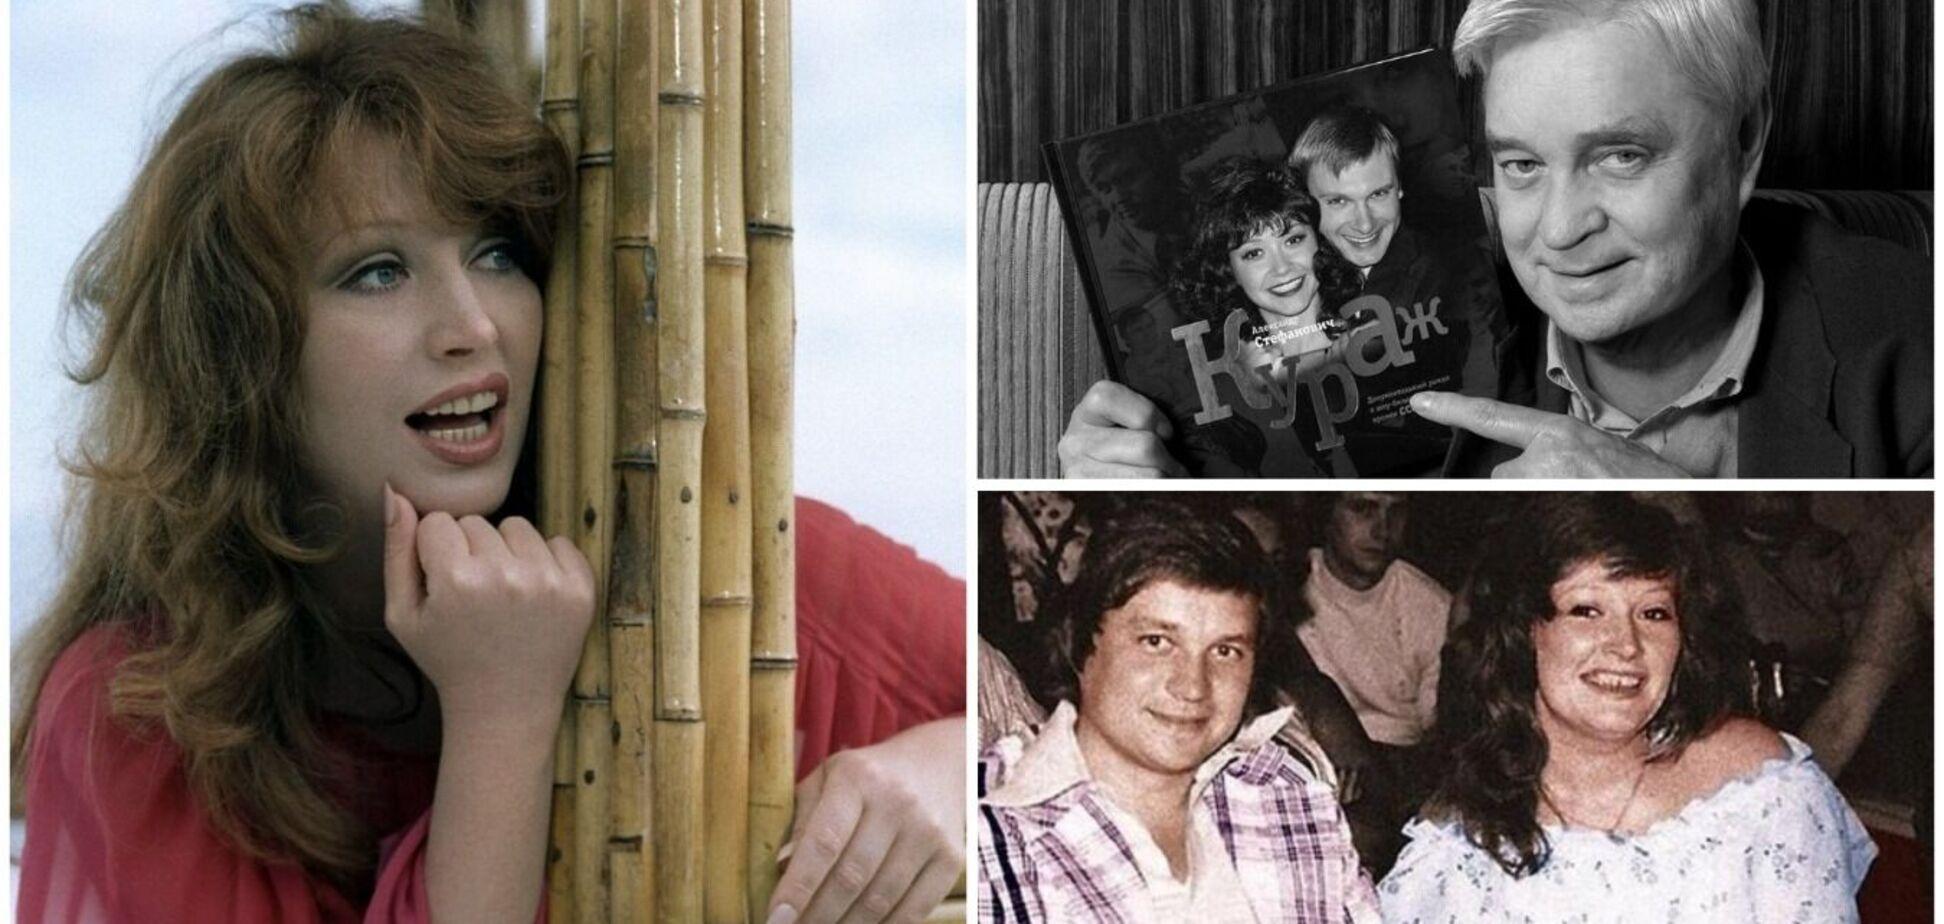 Помер колишній чоловік Пугачової: як склалася доля Стефановича після розлучення і який слід він залишив у житті співачки